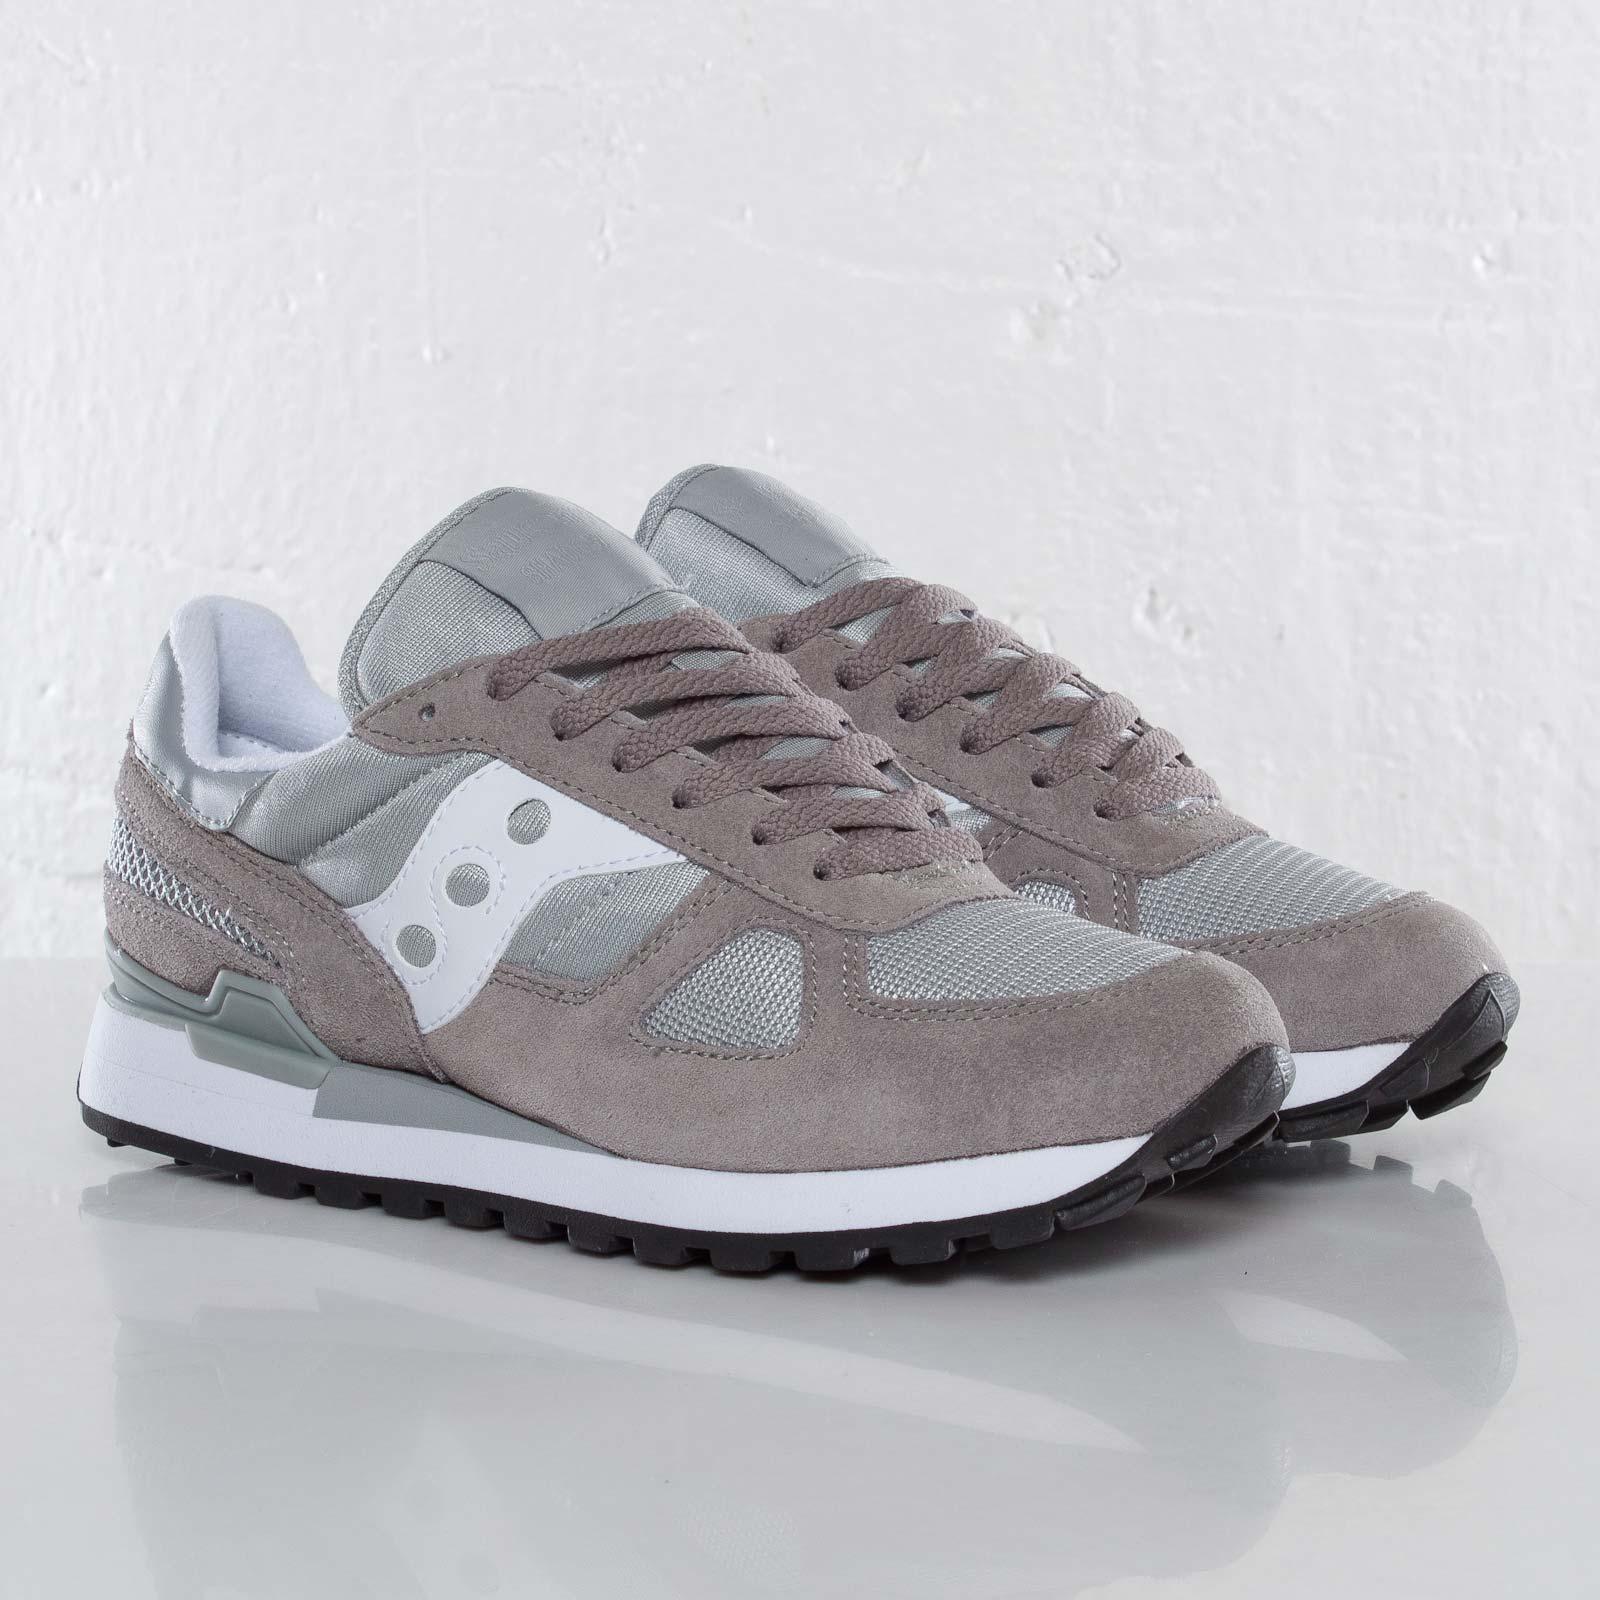 d7e8b9ec62a55 Saucony Shadow Original - 2108-524 - Sneakersnstuff | sneakers ...